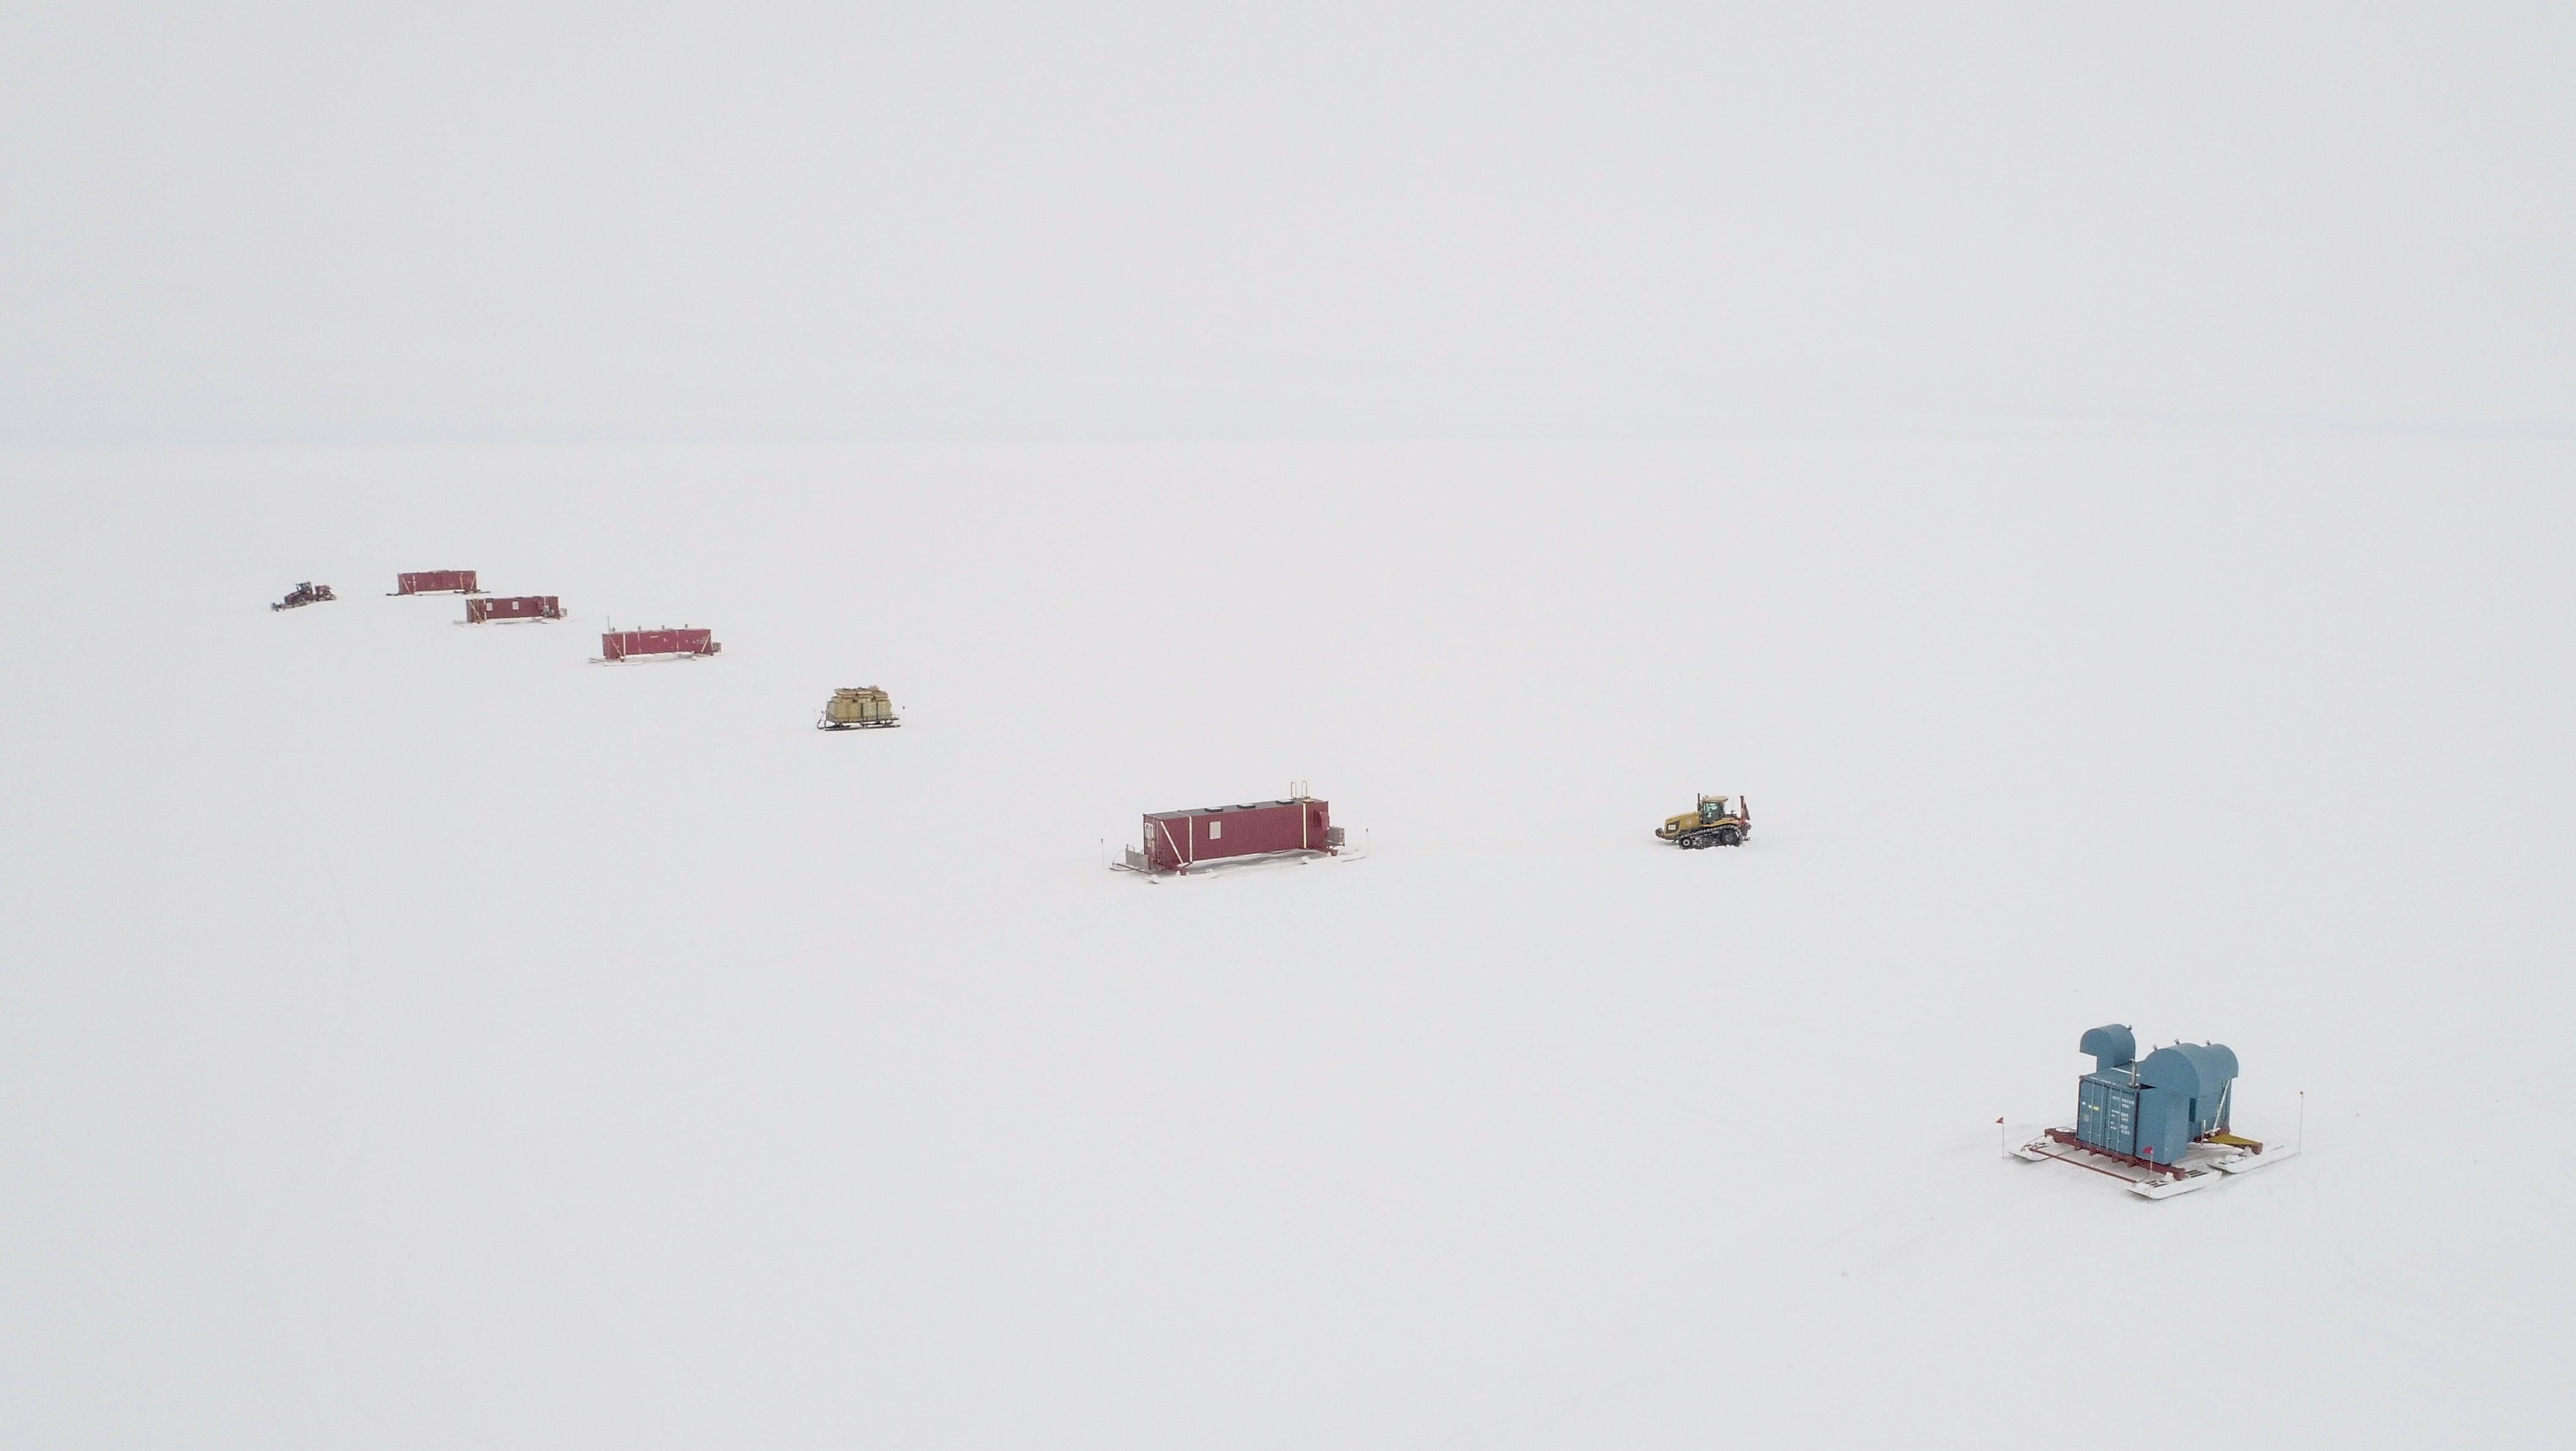 antarctica biology extraterrestrial-life glaciers ice life subglacial-lakes tardigrades